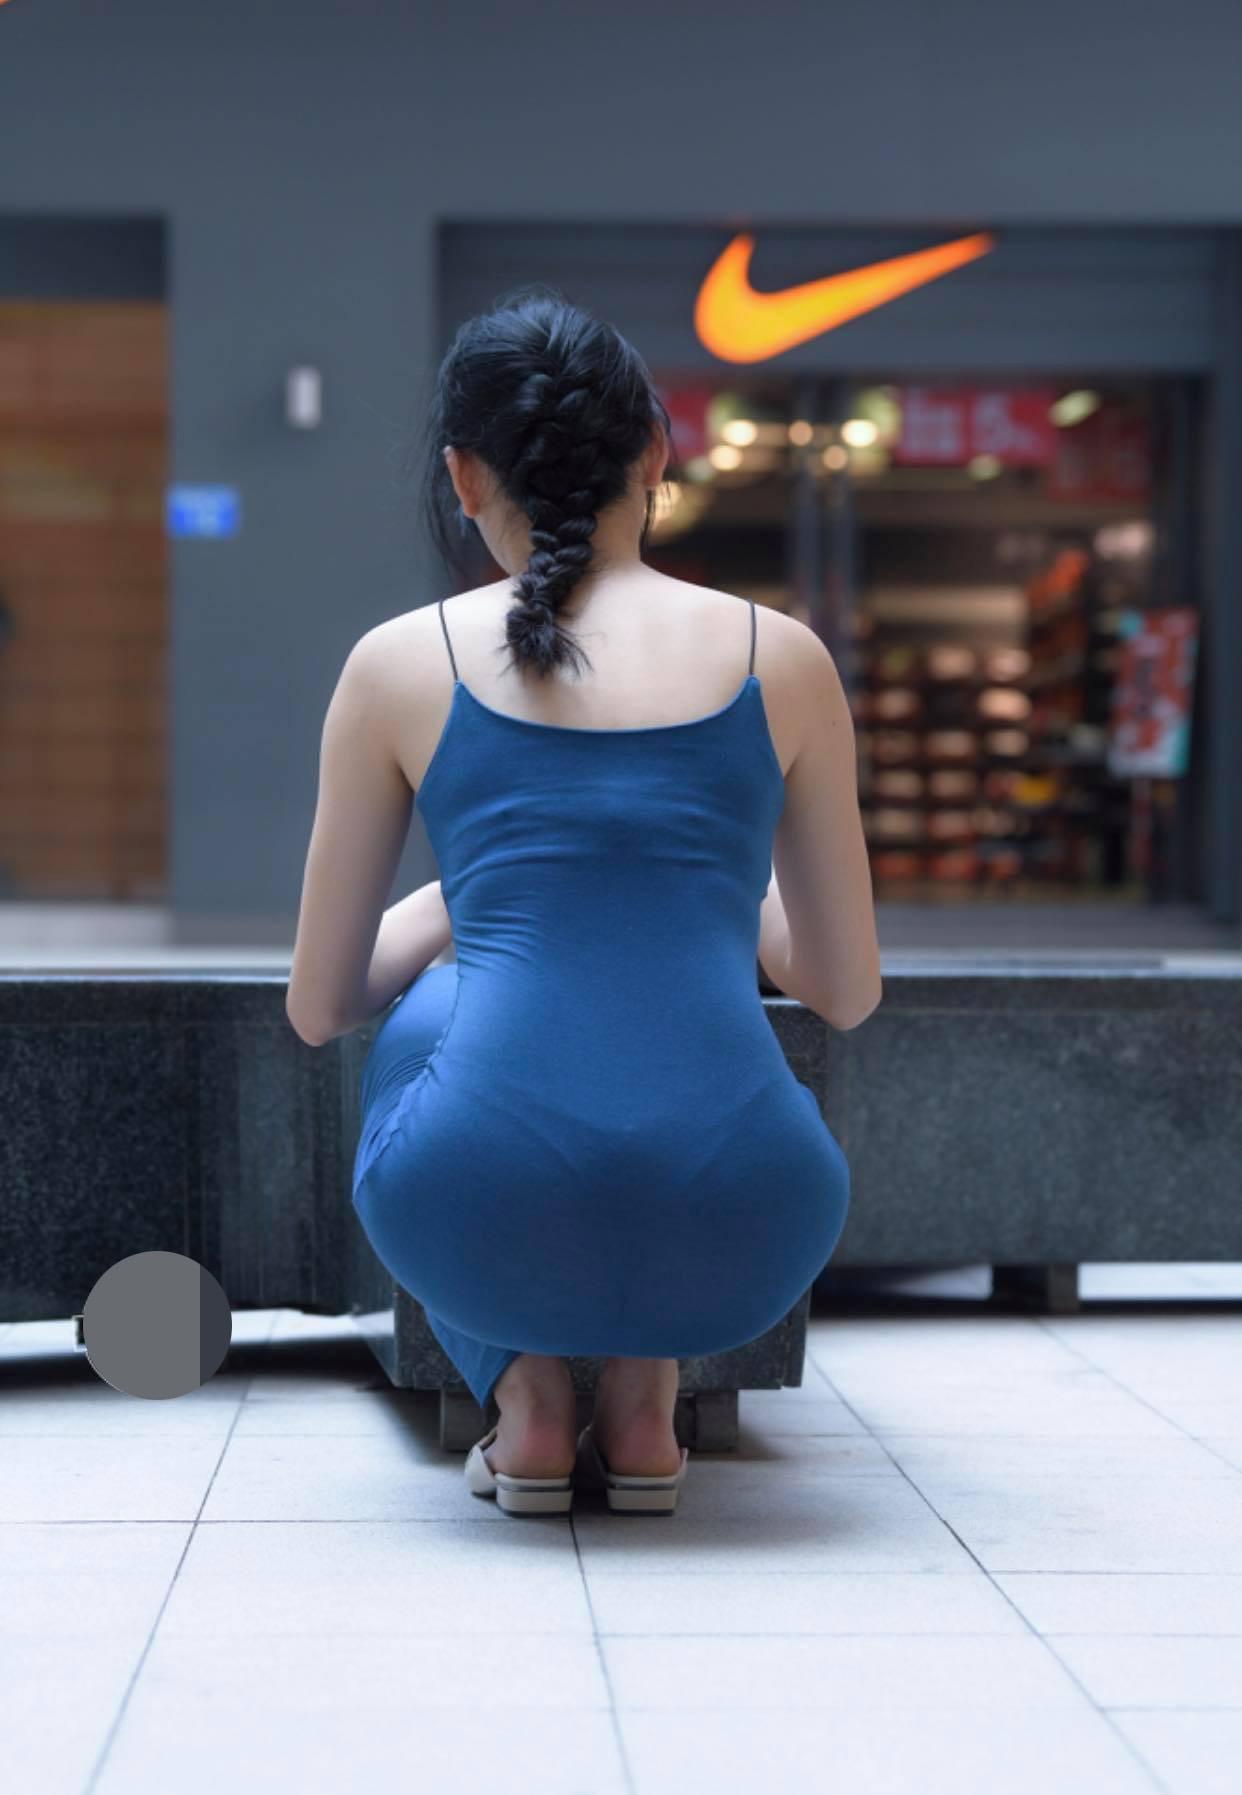 Kém duyên như chiếc váy hằn nội y khiến người xung quanh phải ngại ngùng thay - 1